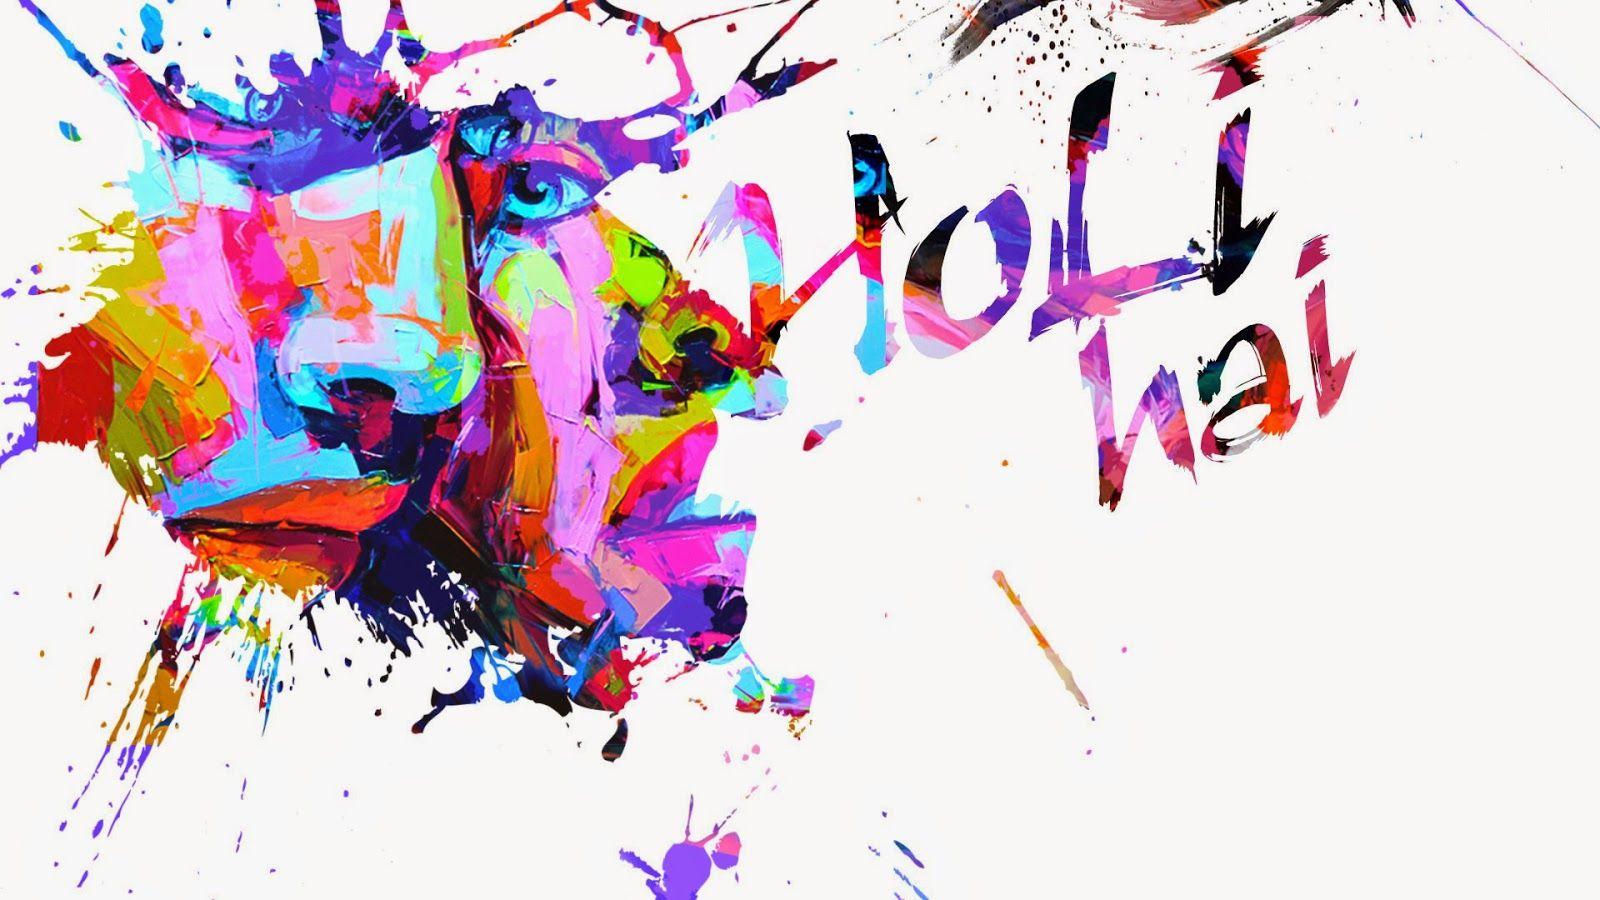 happy holi 2015 hd wallpaper, happy holi full hd wallpaper